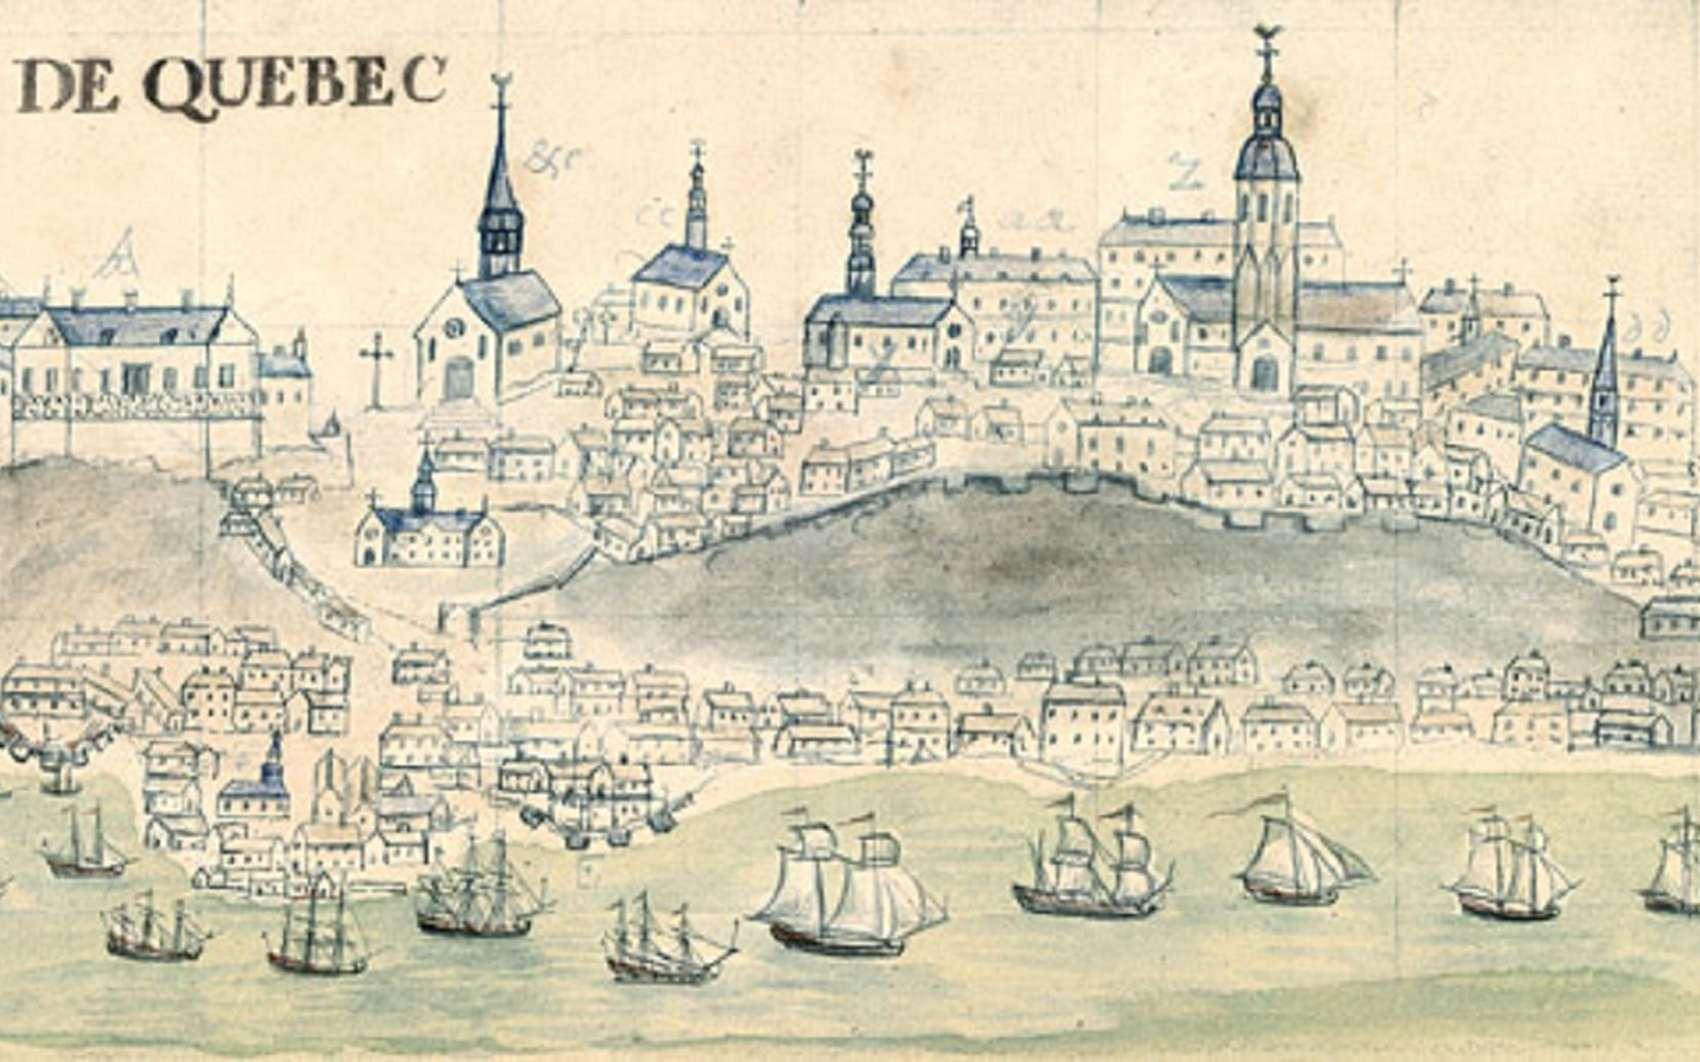 Vue de Québec datée de 1729, par Mahier. © Bibliothèque nationale de France, département des cartes et plans, domaine public.